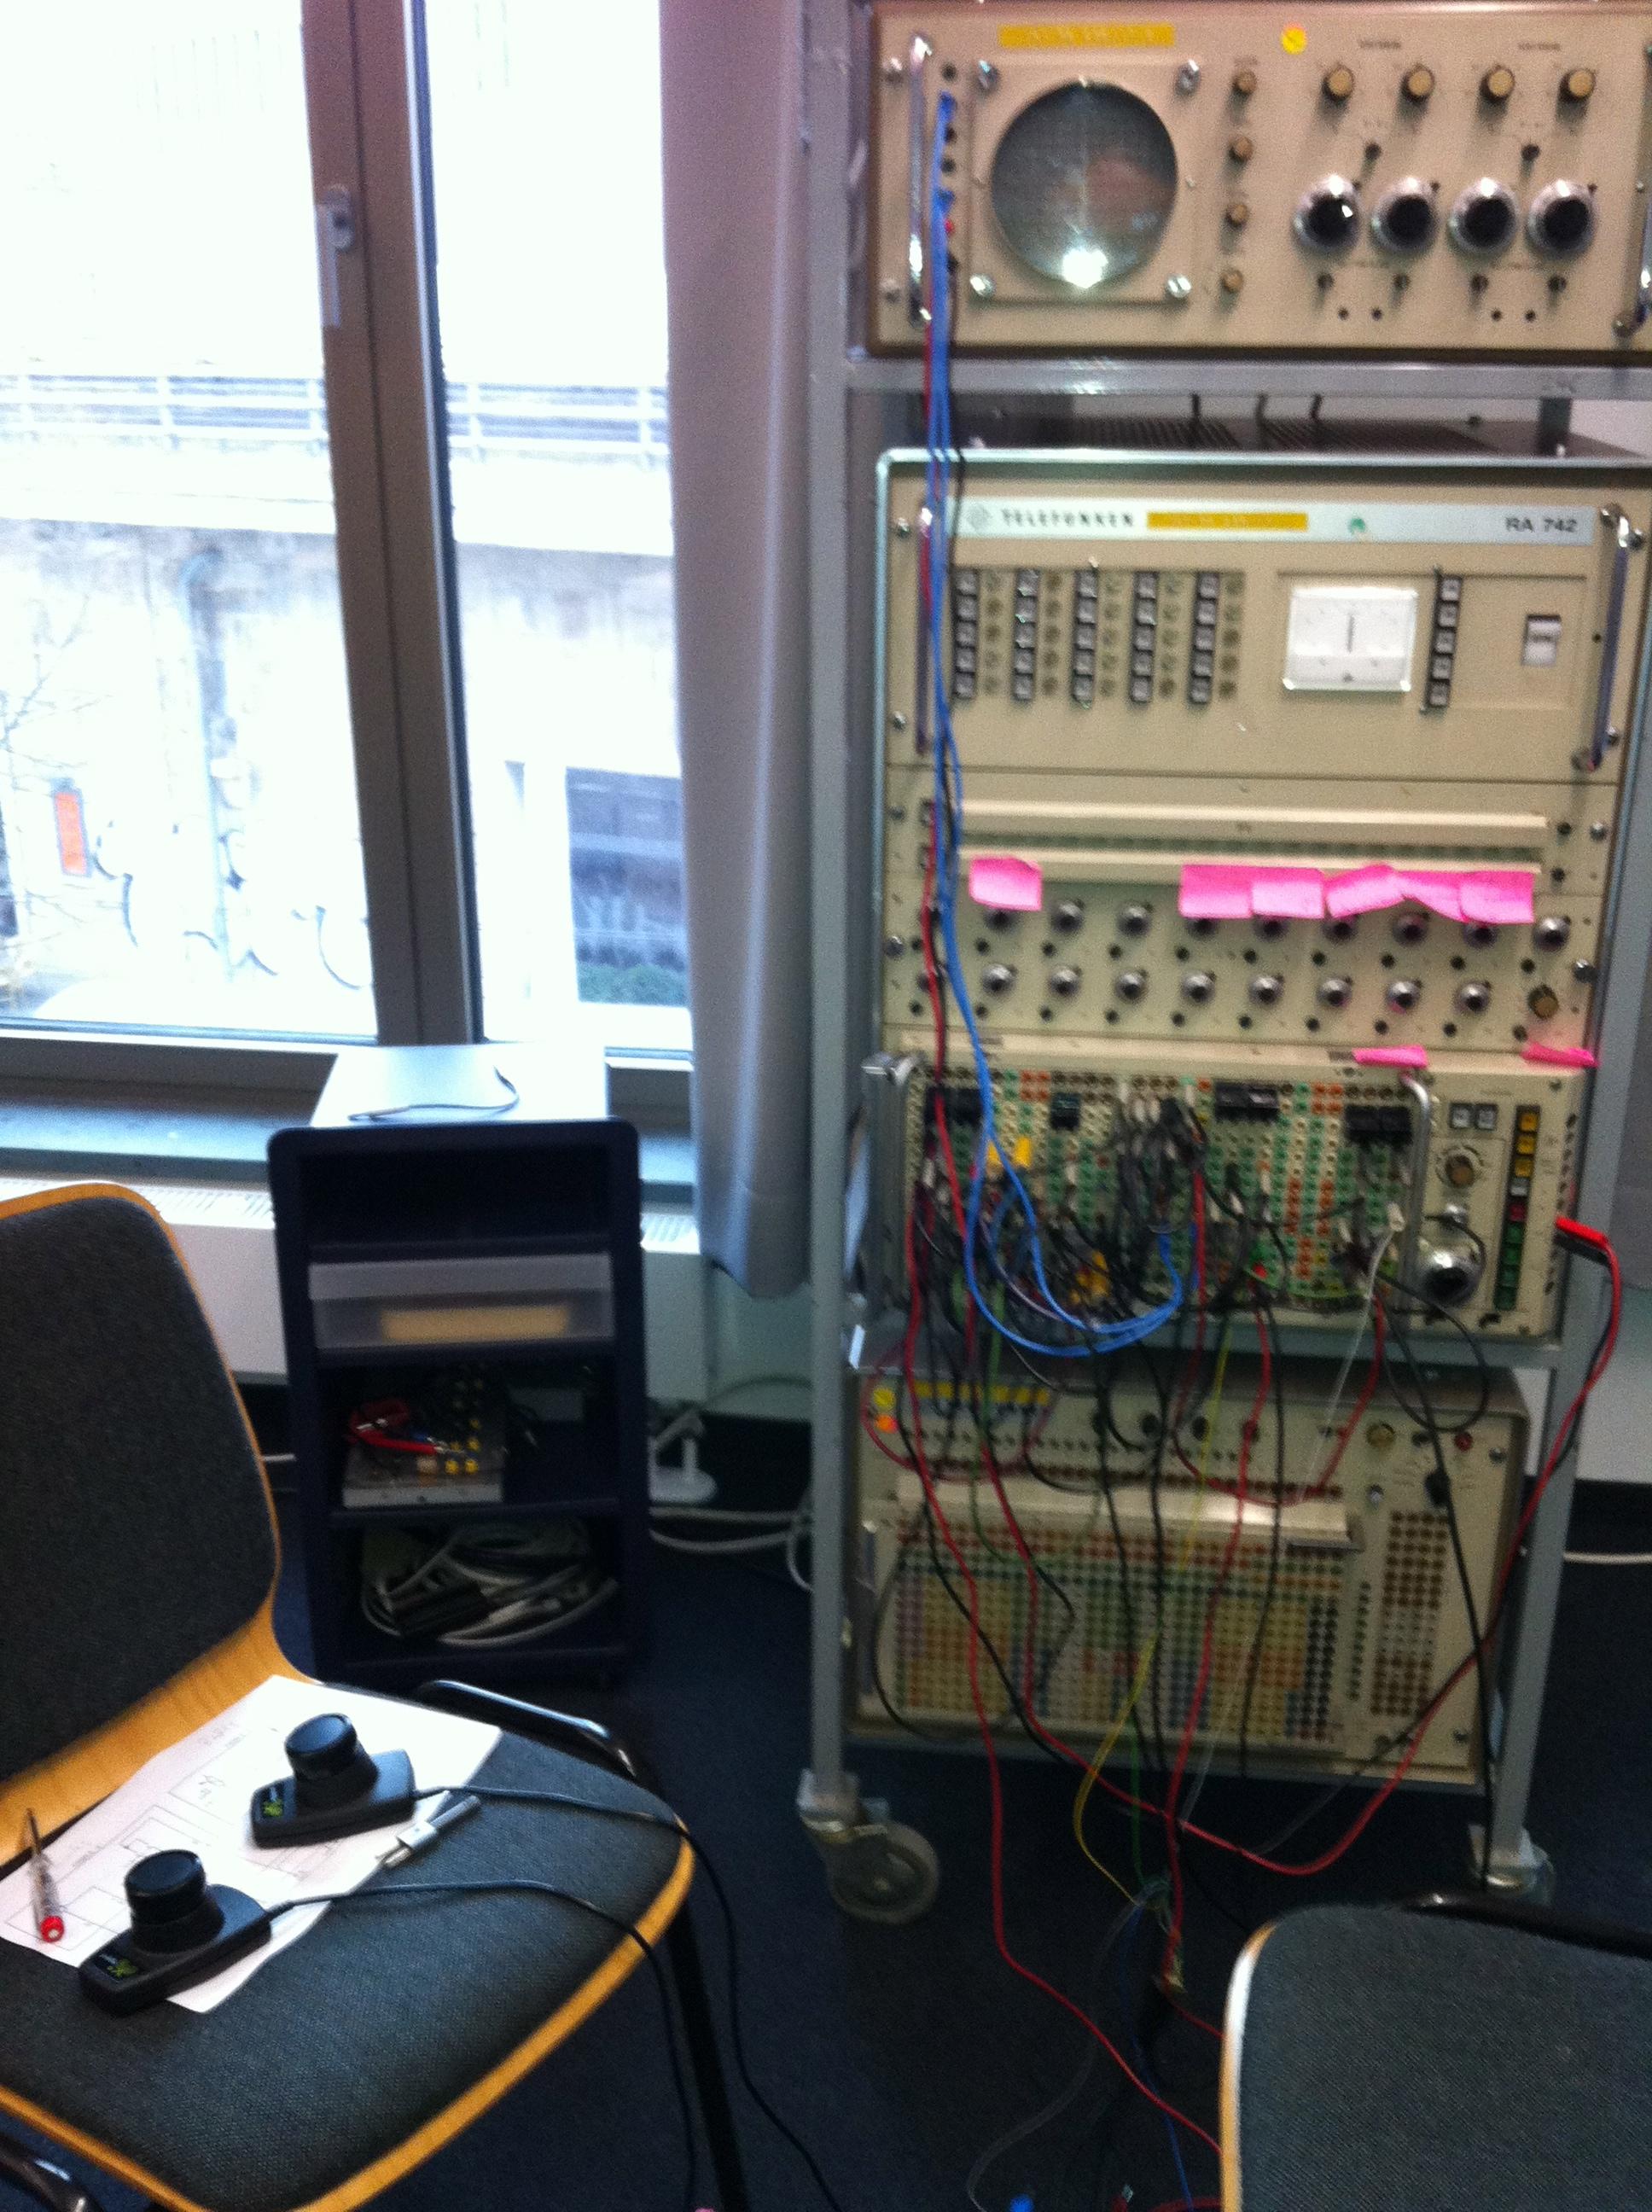 """Telefunken RA 742 mit """"Tennis for Two""""-Schaltung und angeschlossenen Paddles"""